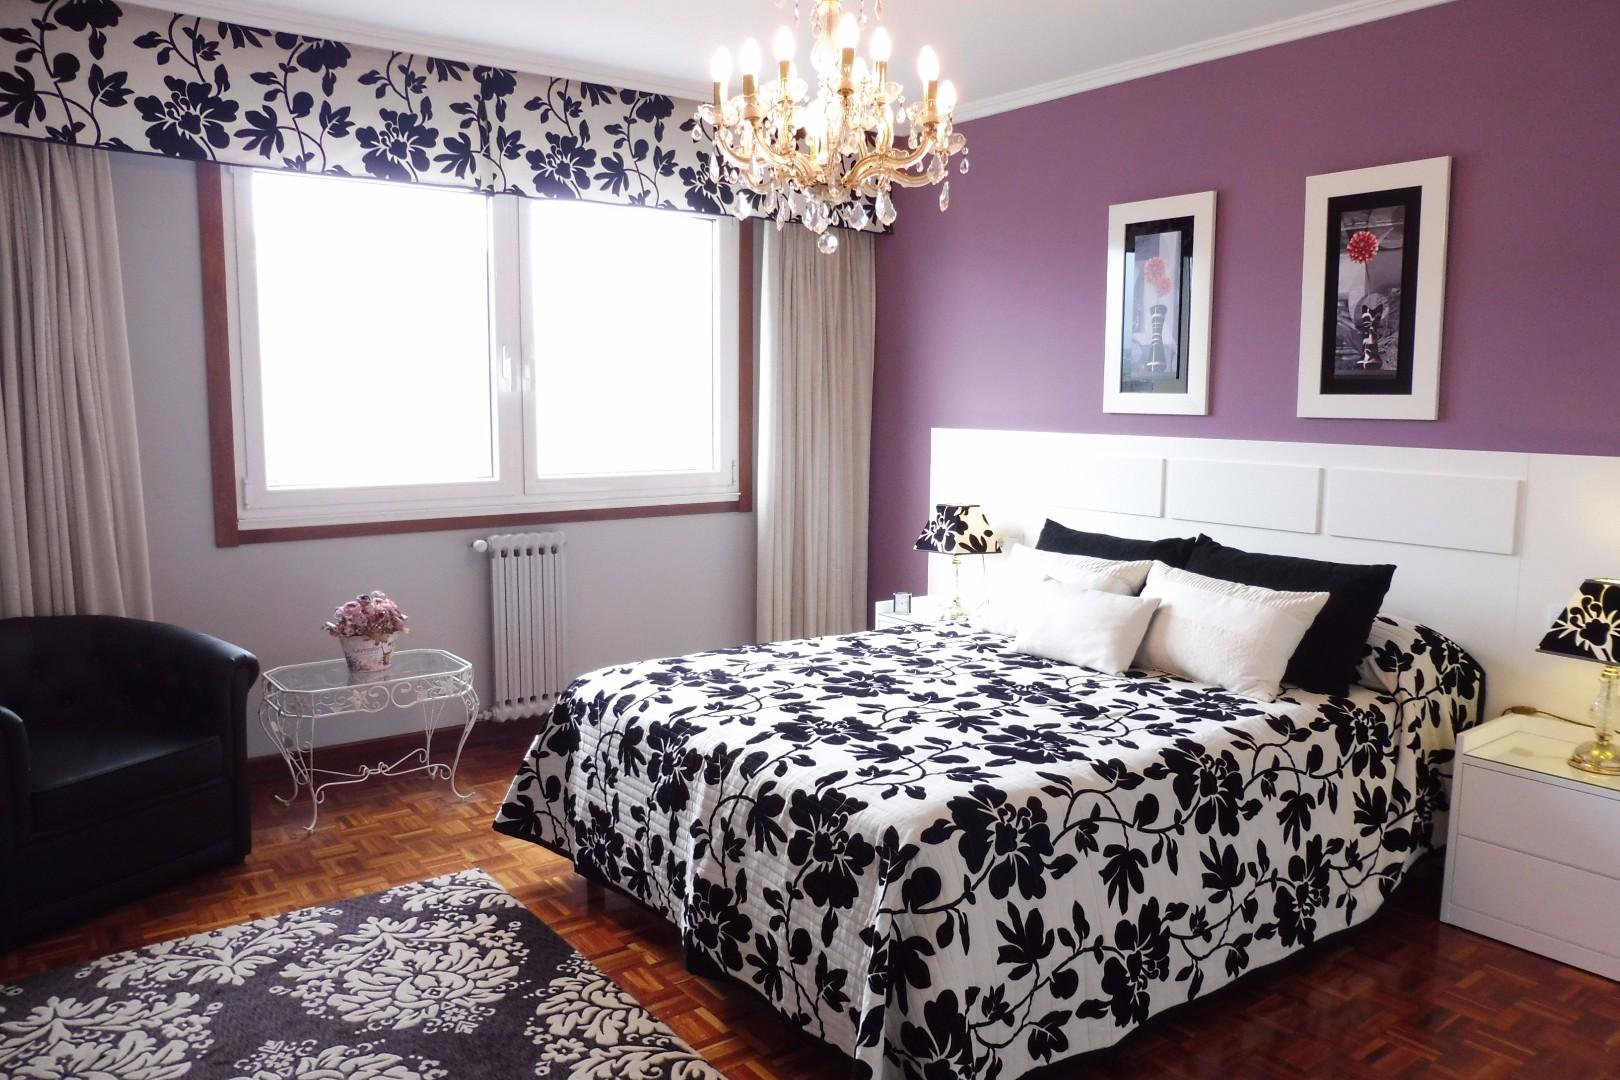 Alquiler y venta de pisos en cuatro caminos corte ingl s for Alquiler piso cuatro caminos